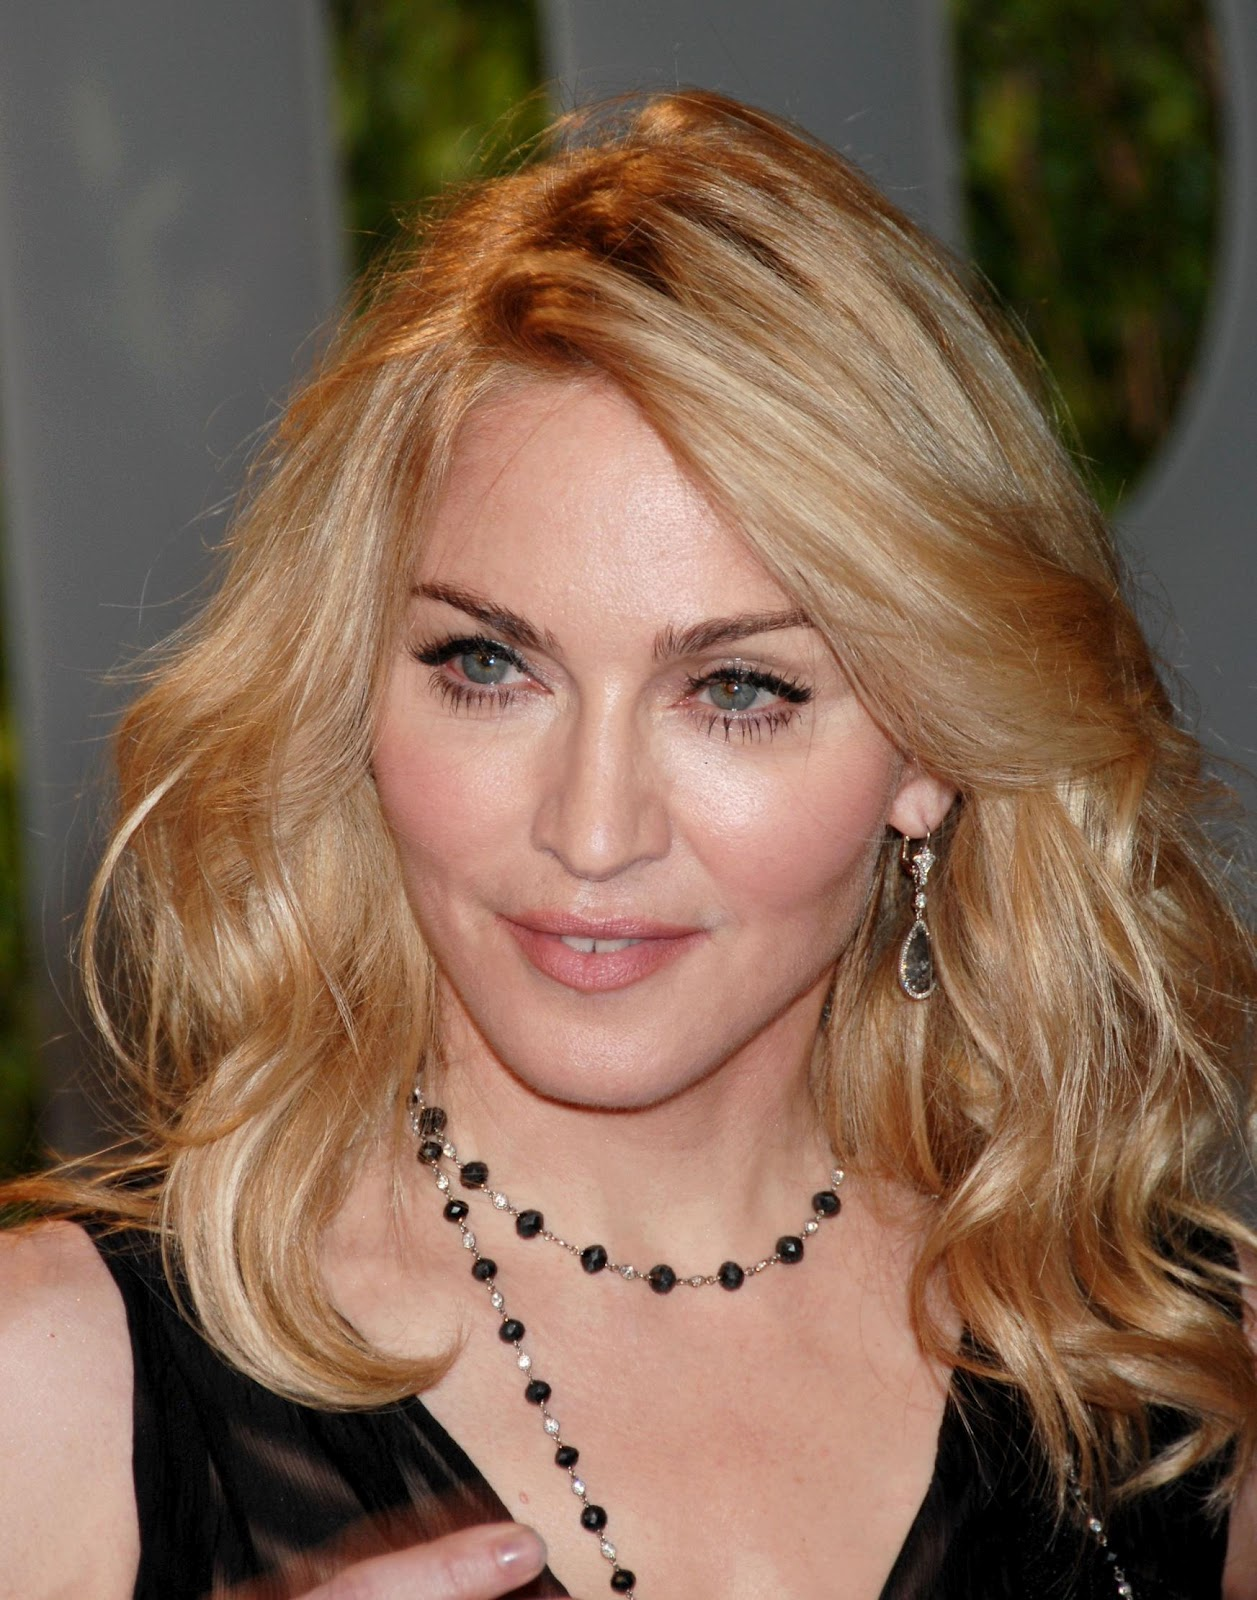 http://1.bp.blogspot.com/-ok1v7zk_Jm0/UCqjqguUk5I/AAAAAAAAD4g/Bb628AGF8zc/s1600/pessoas-famosas-madonna-427b12.jpg